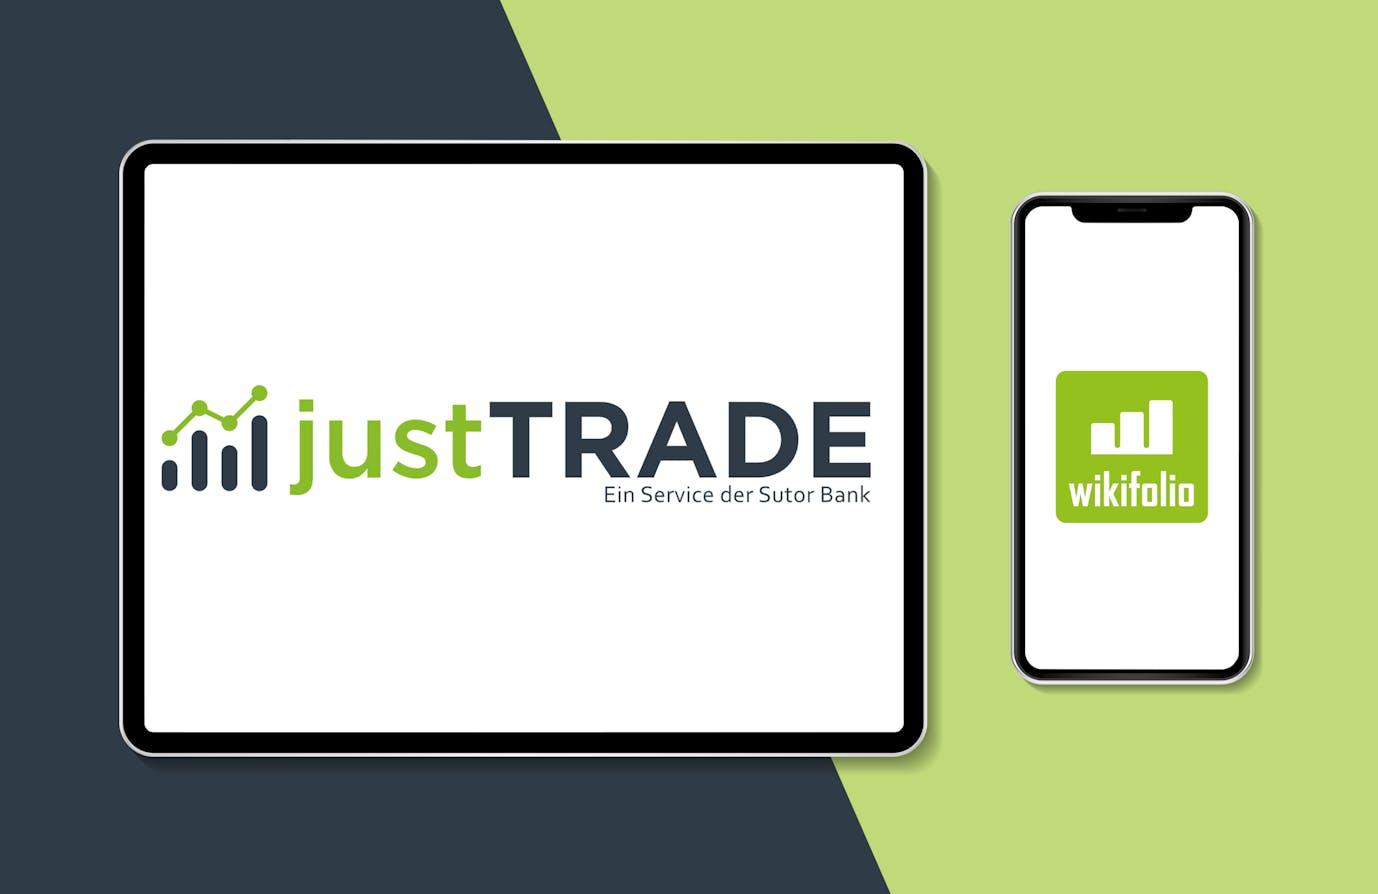 Logo JustTRADE wird in einem Tablet angezeigt. Daneben wird das Logo von wikifolio in einem Smartphone angezeigt.